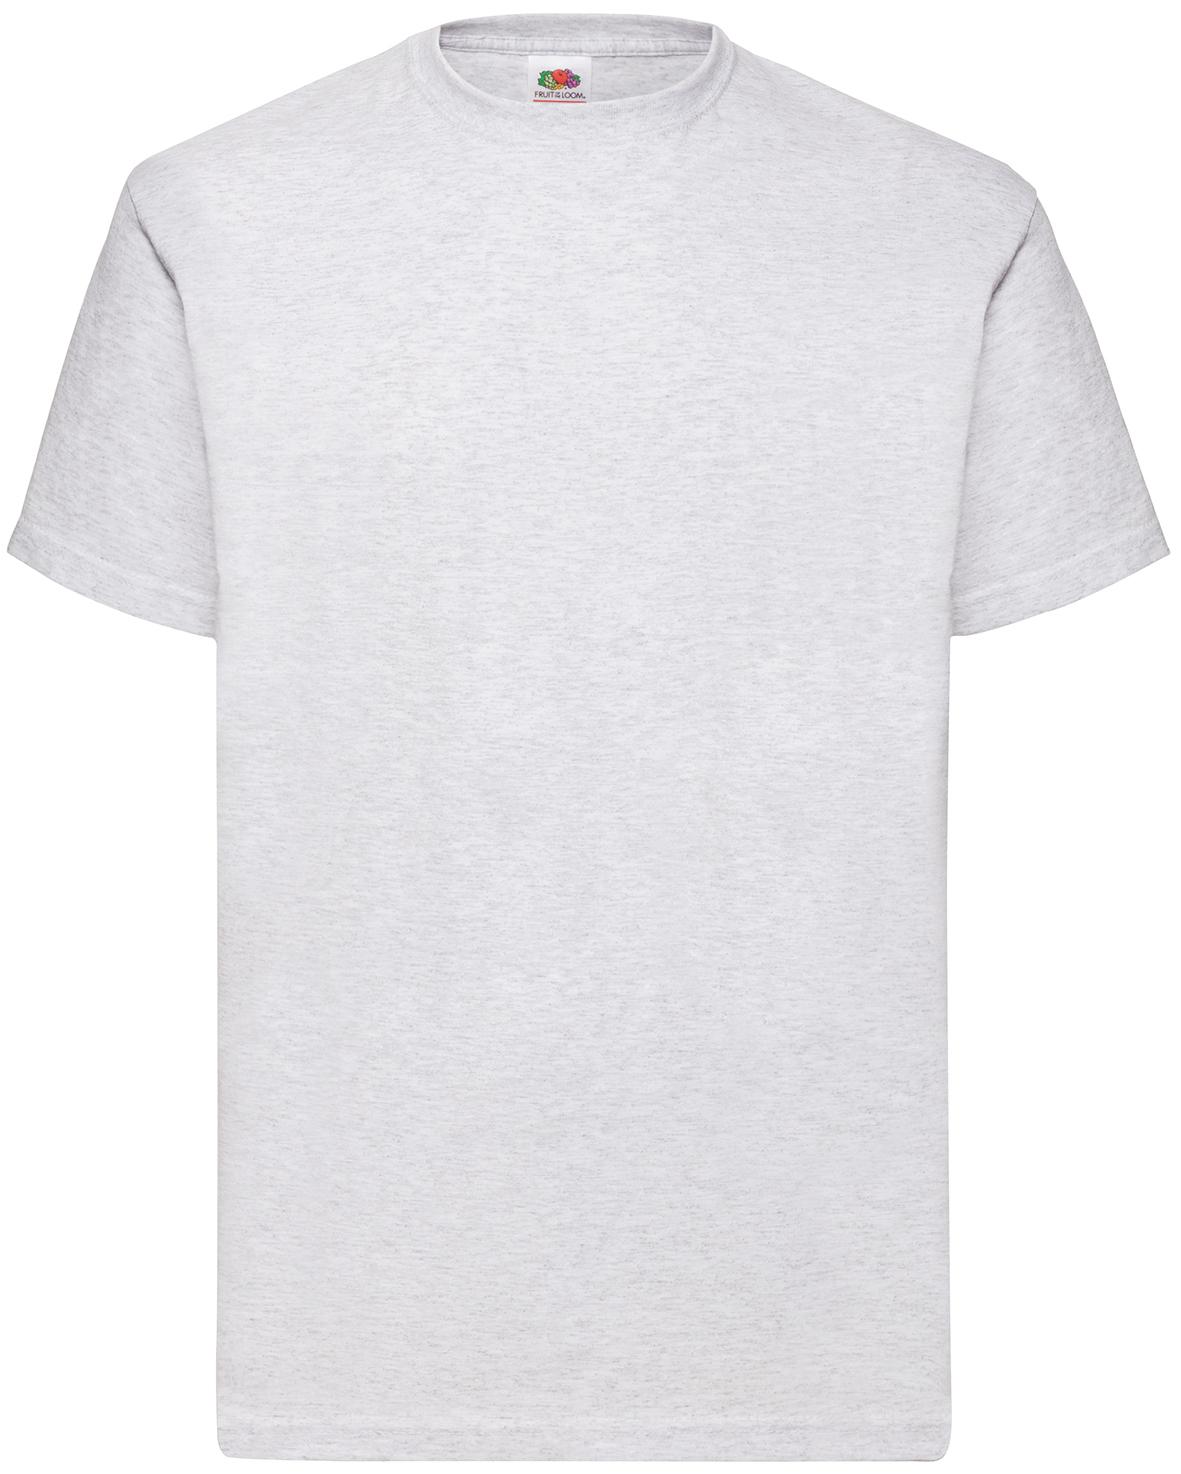 Indexbild 4 - Fruit of the Loom UNISEX T-Shirt Bestseller Top Angebot Herren Damen NEU